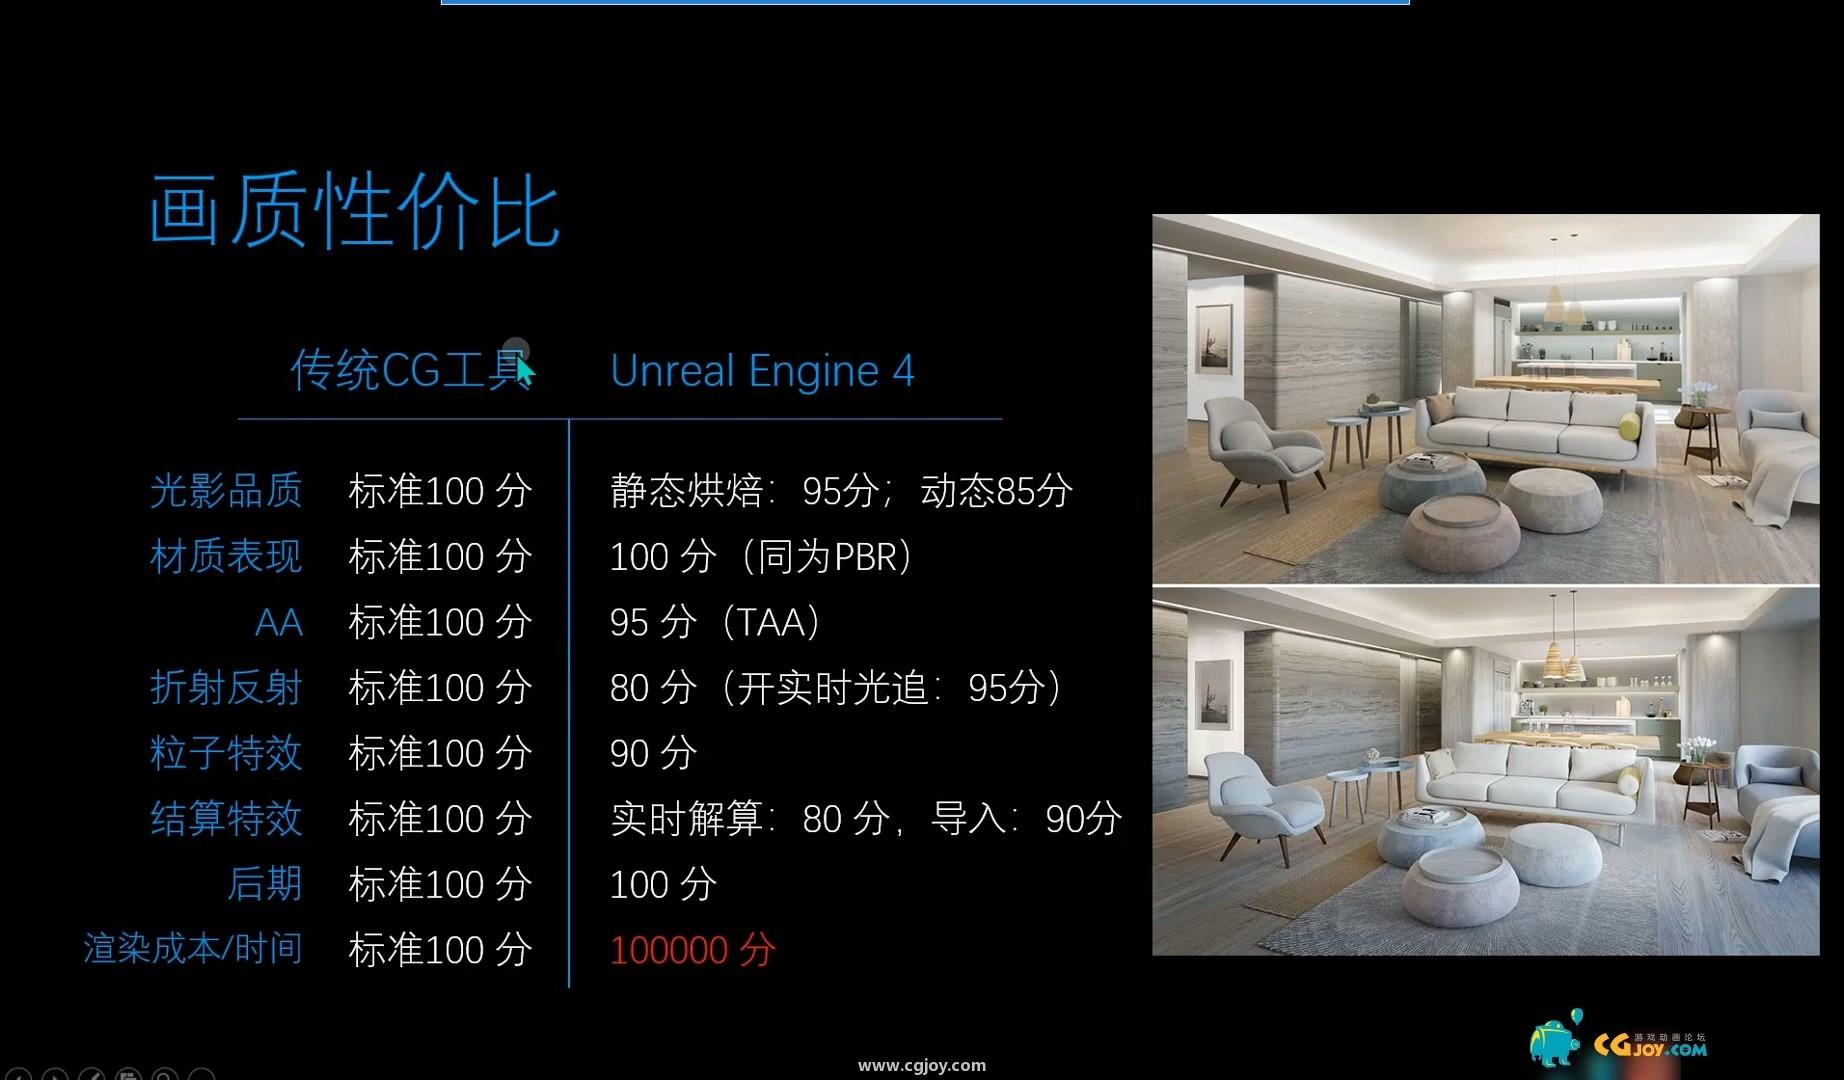 《虚幻引擎CG制作技术》——虚幻引擎的优势及界面介绍.mp4_20200102_231225.242.jpg